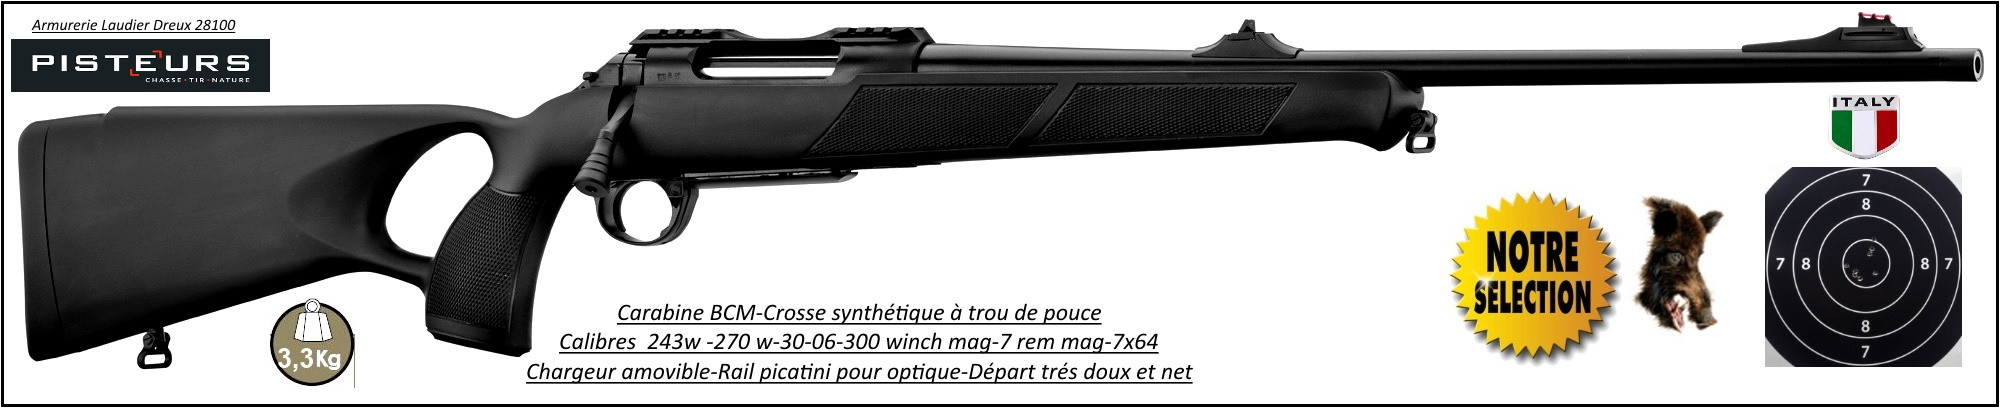 Carabines BCM Rubis Calibres-243win-270 win-7x64-30-06- 7 Rem  mag-300 winch mag Répétition crosse trou pouce synthetique canon filete-Promotion